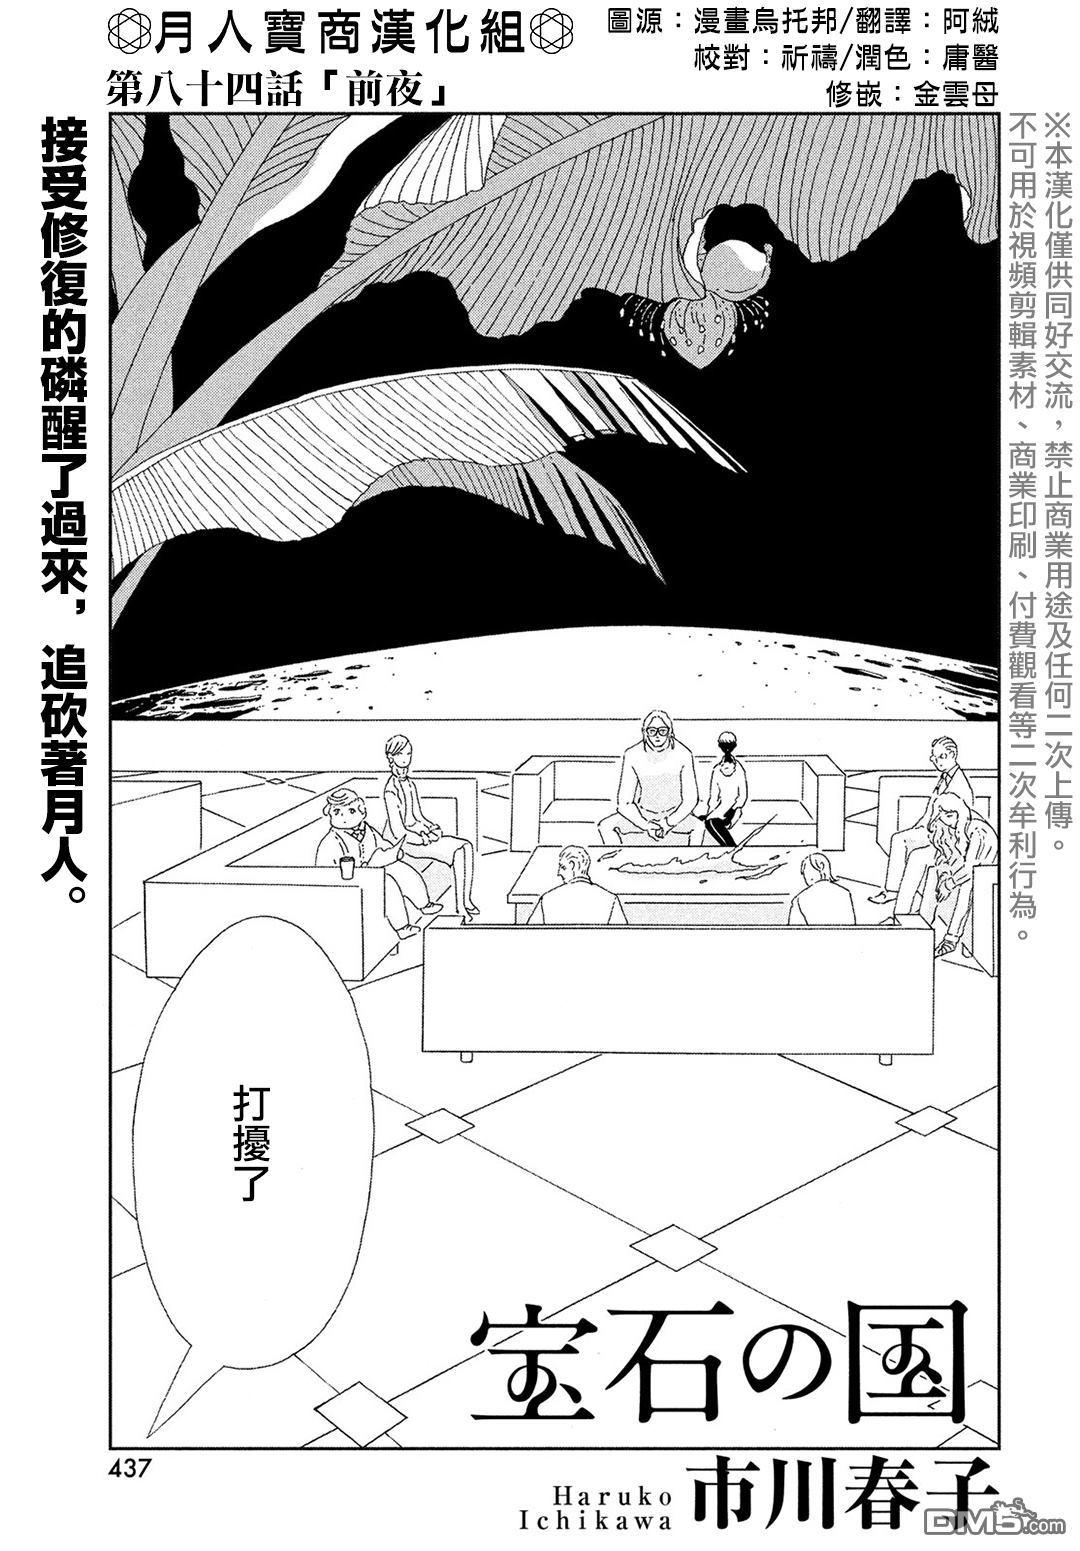 寶石之國第84話前夜(18P)(第1頁)劇情-奴奴漫畫